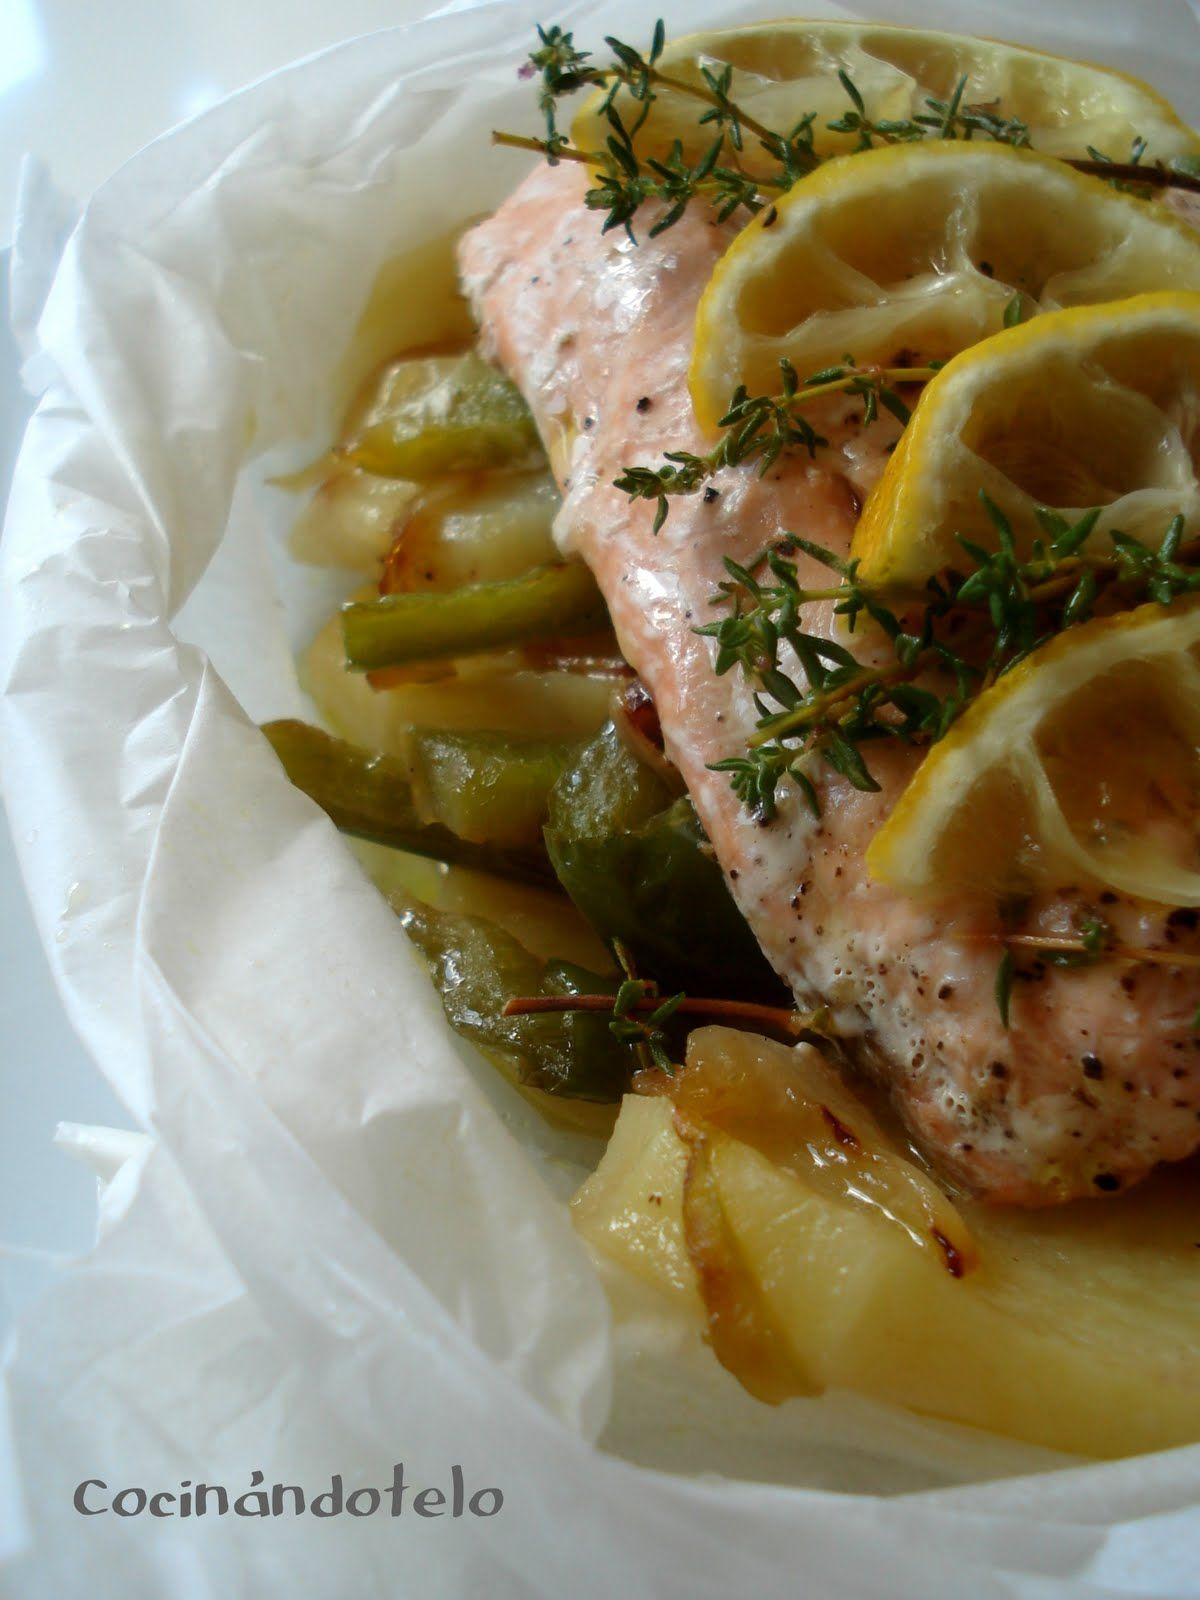 Cocin ndotelo papillote arom tico de salm n al microondas recetas par microondas pinterest - Cocinar pescado en microondas ...